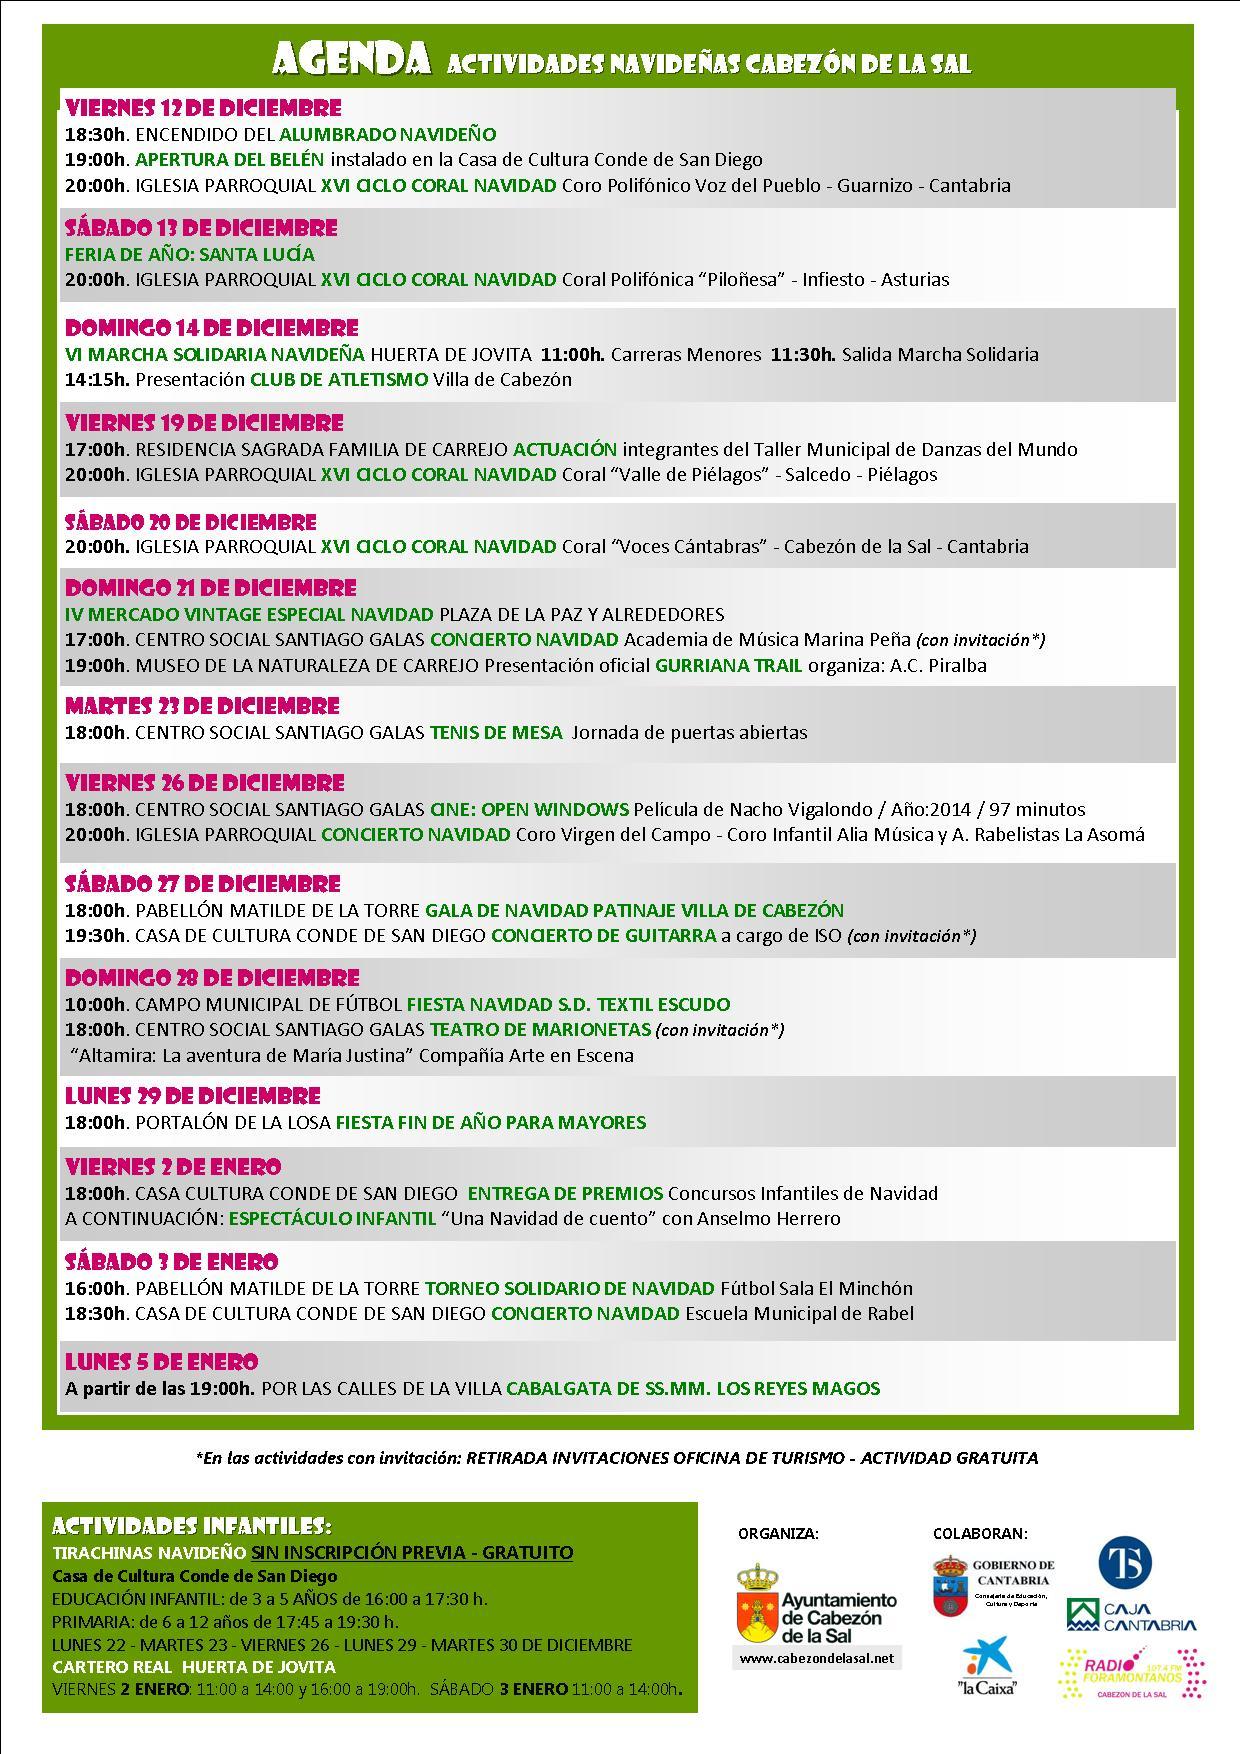 http://www.cabezondelasal.net/wp-content/uploads/2014/12/cartel-navidad-2014-2015.jpg